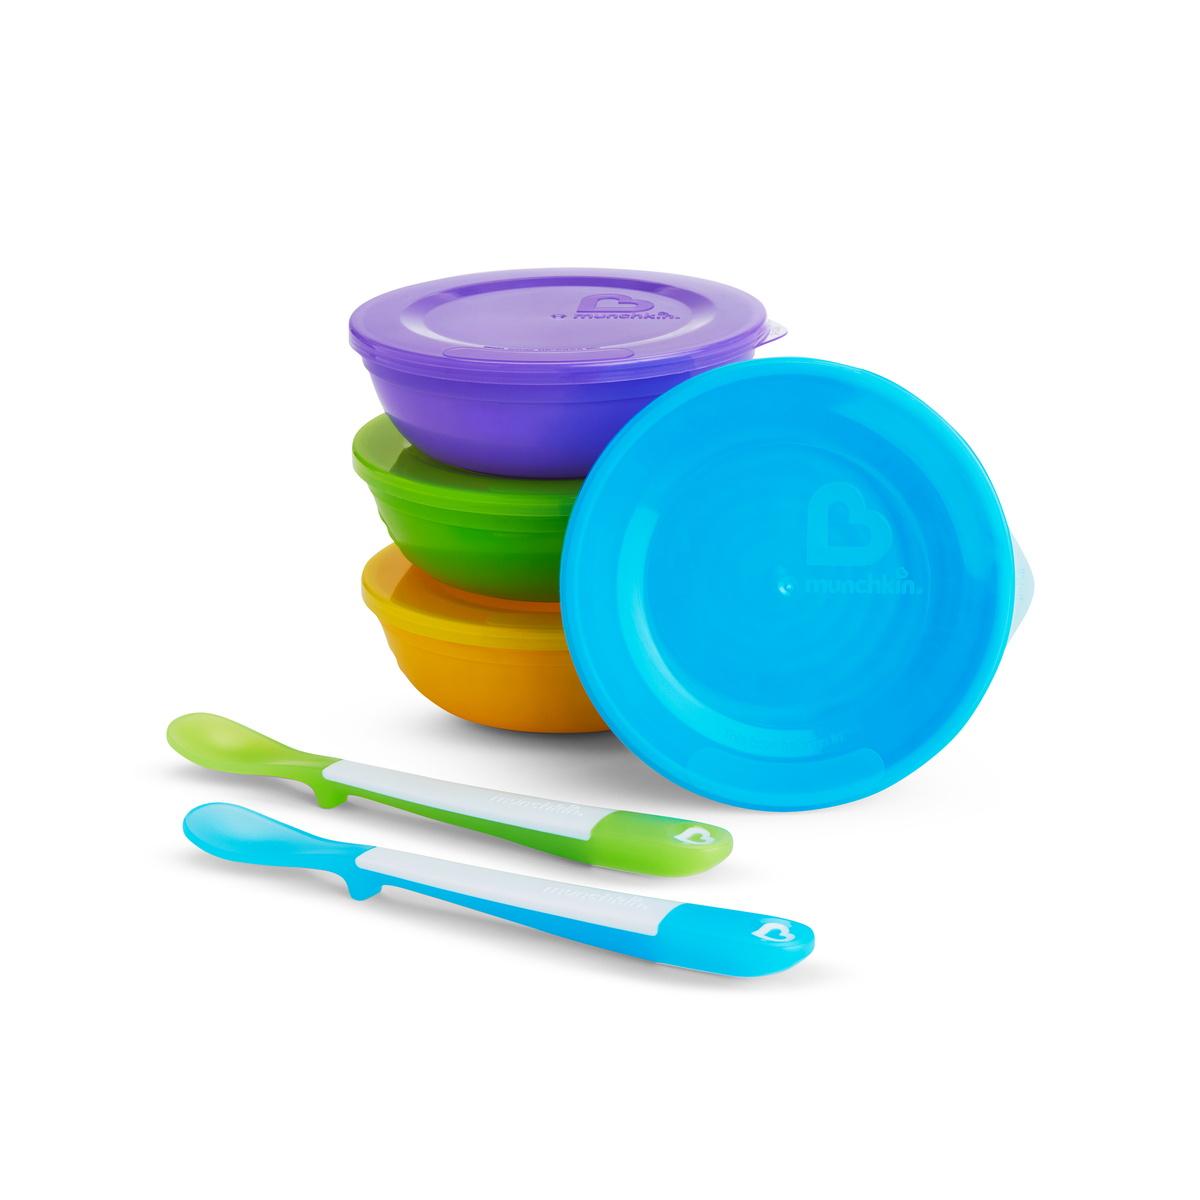 Σετ 4 Μπολ με καπάκια & κουτάλια Love-a-bowl Munchkin